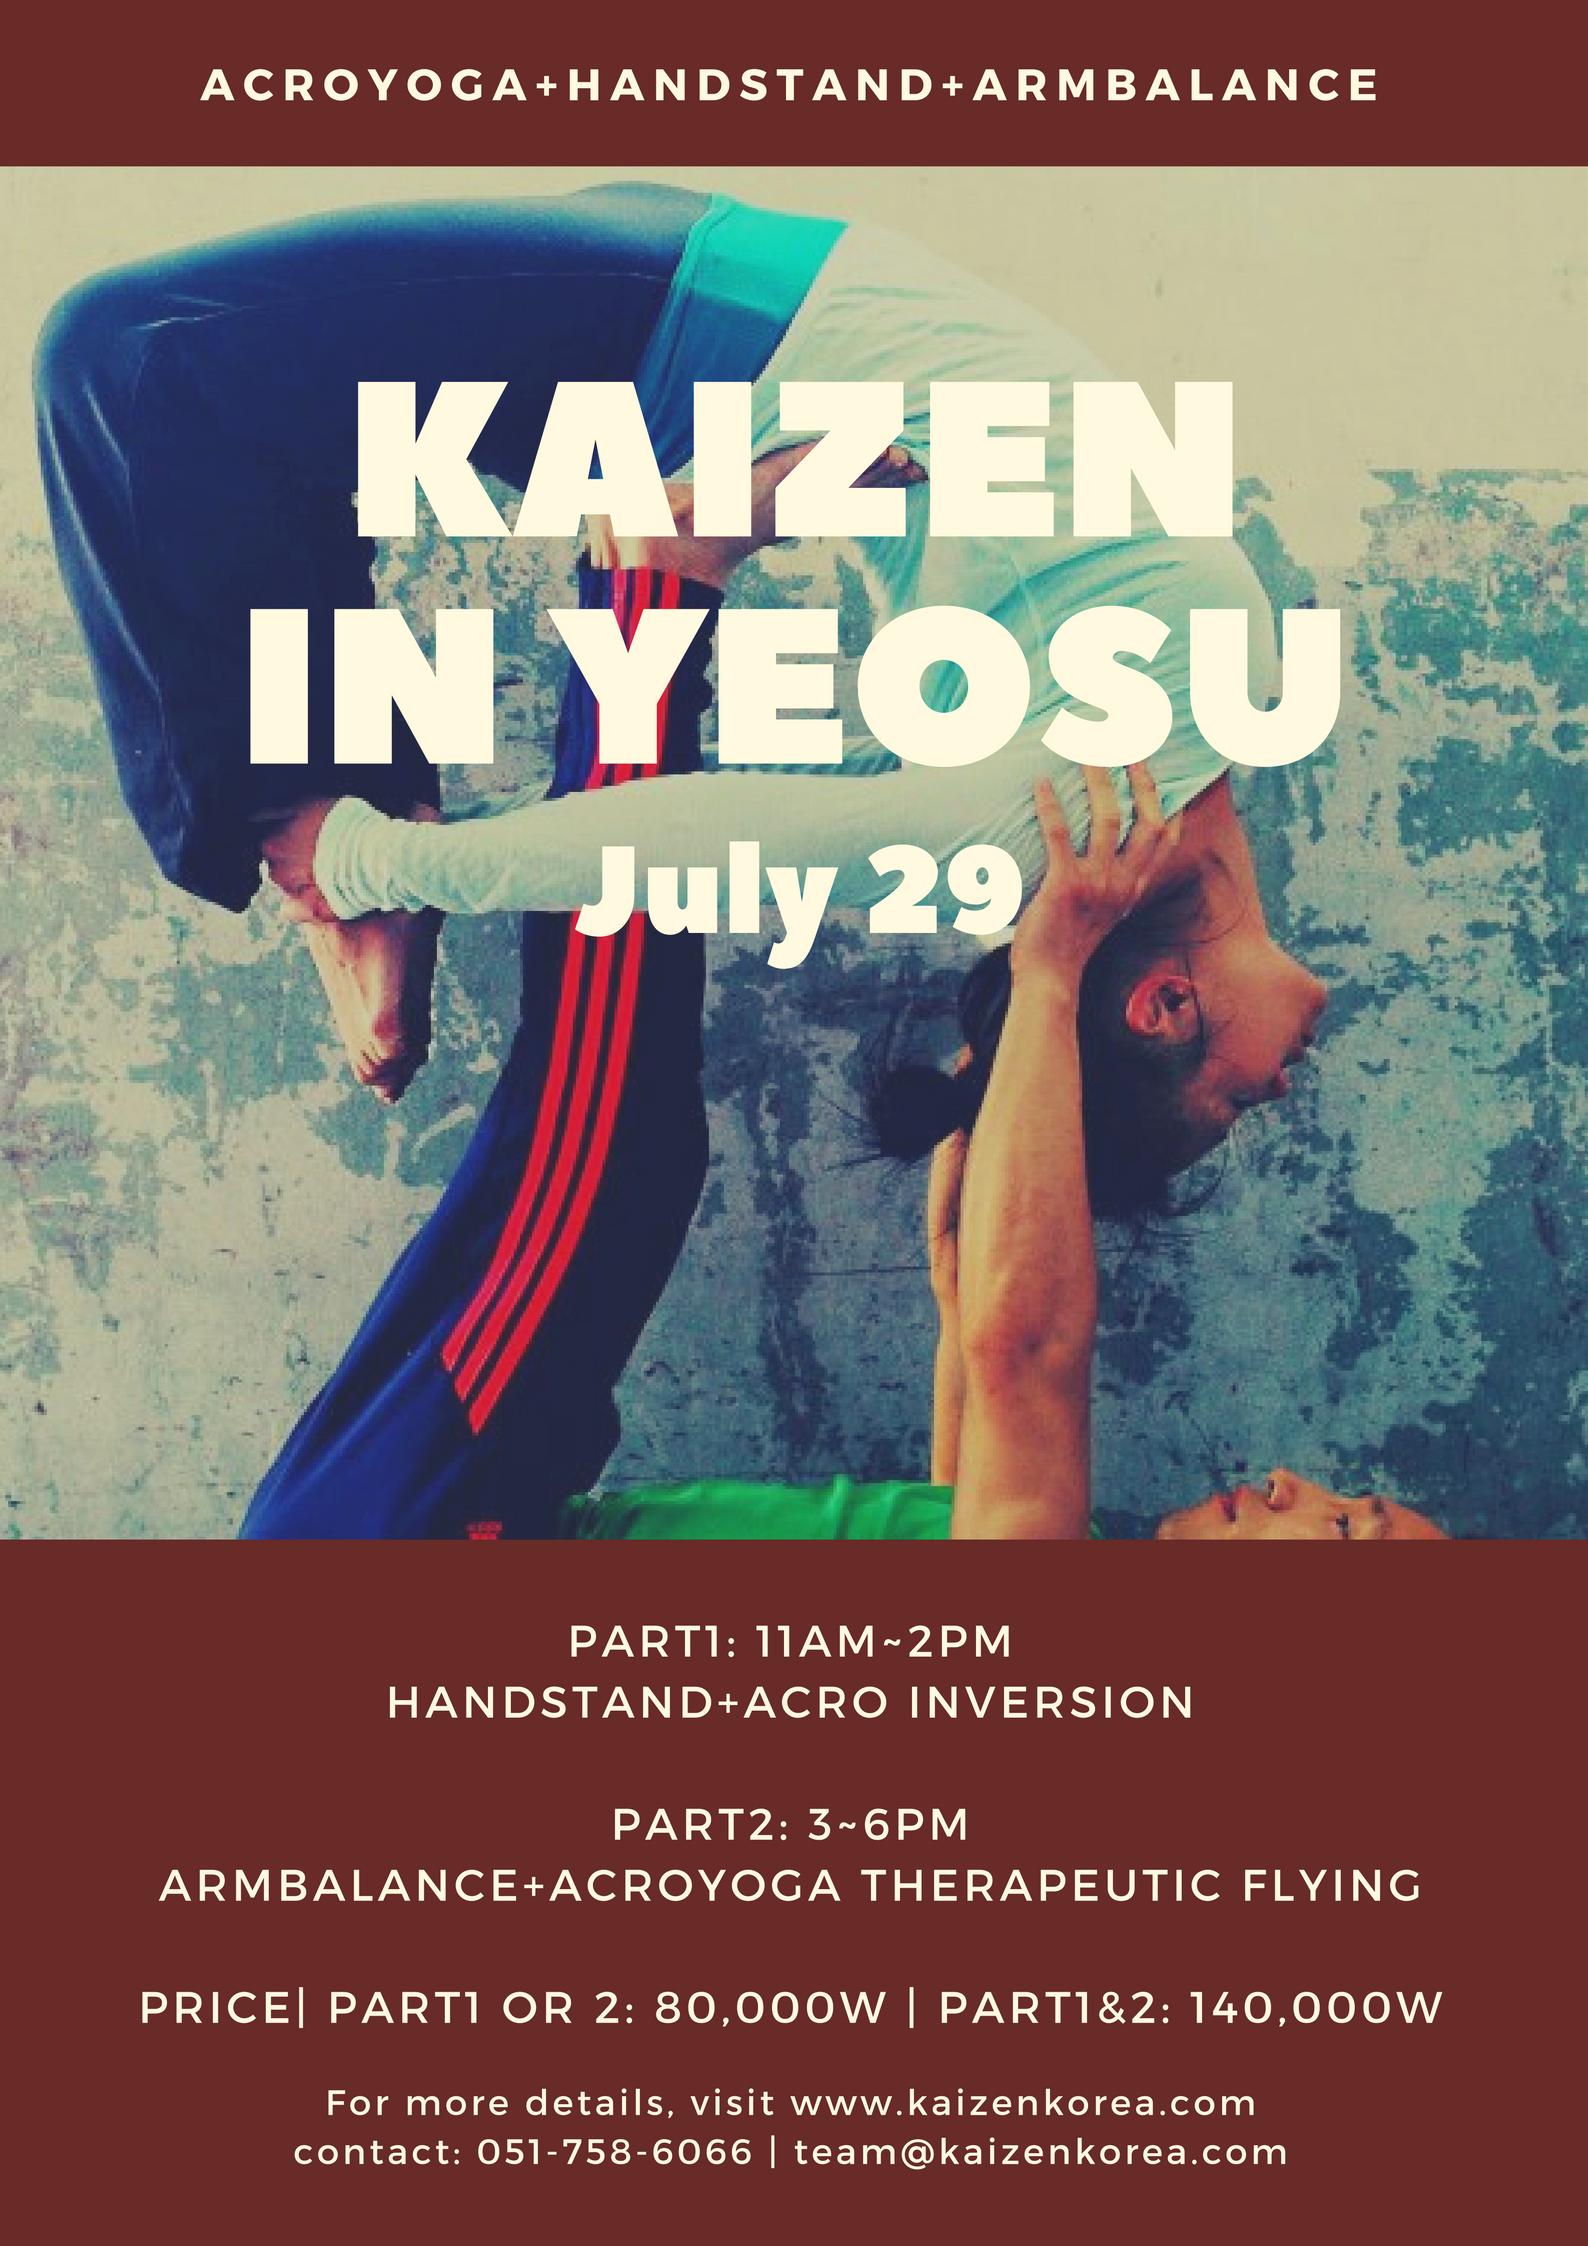 for more info & enrollment contact : team@kaizenkorea.com | 051-758-6066